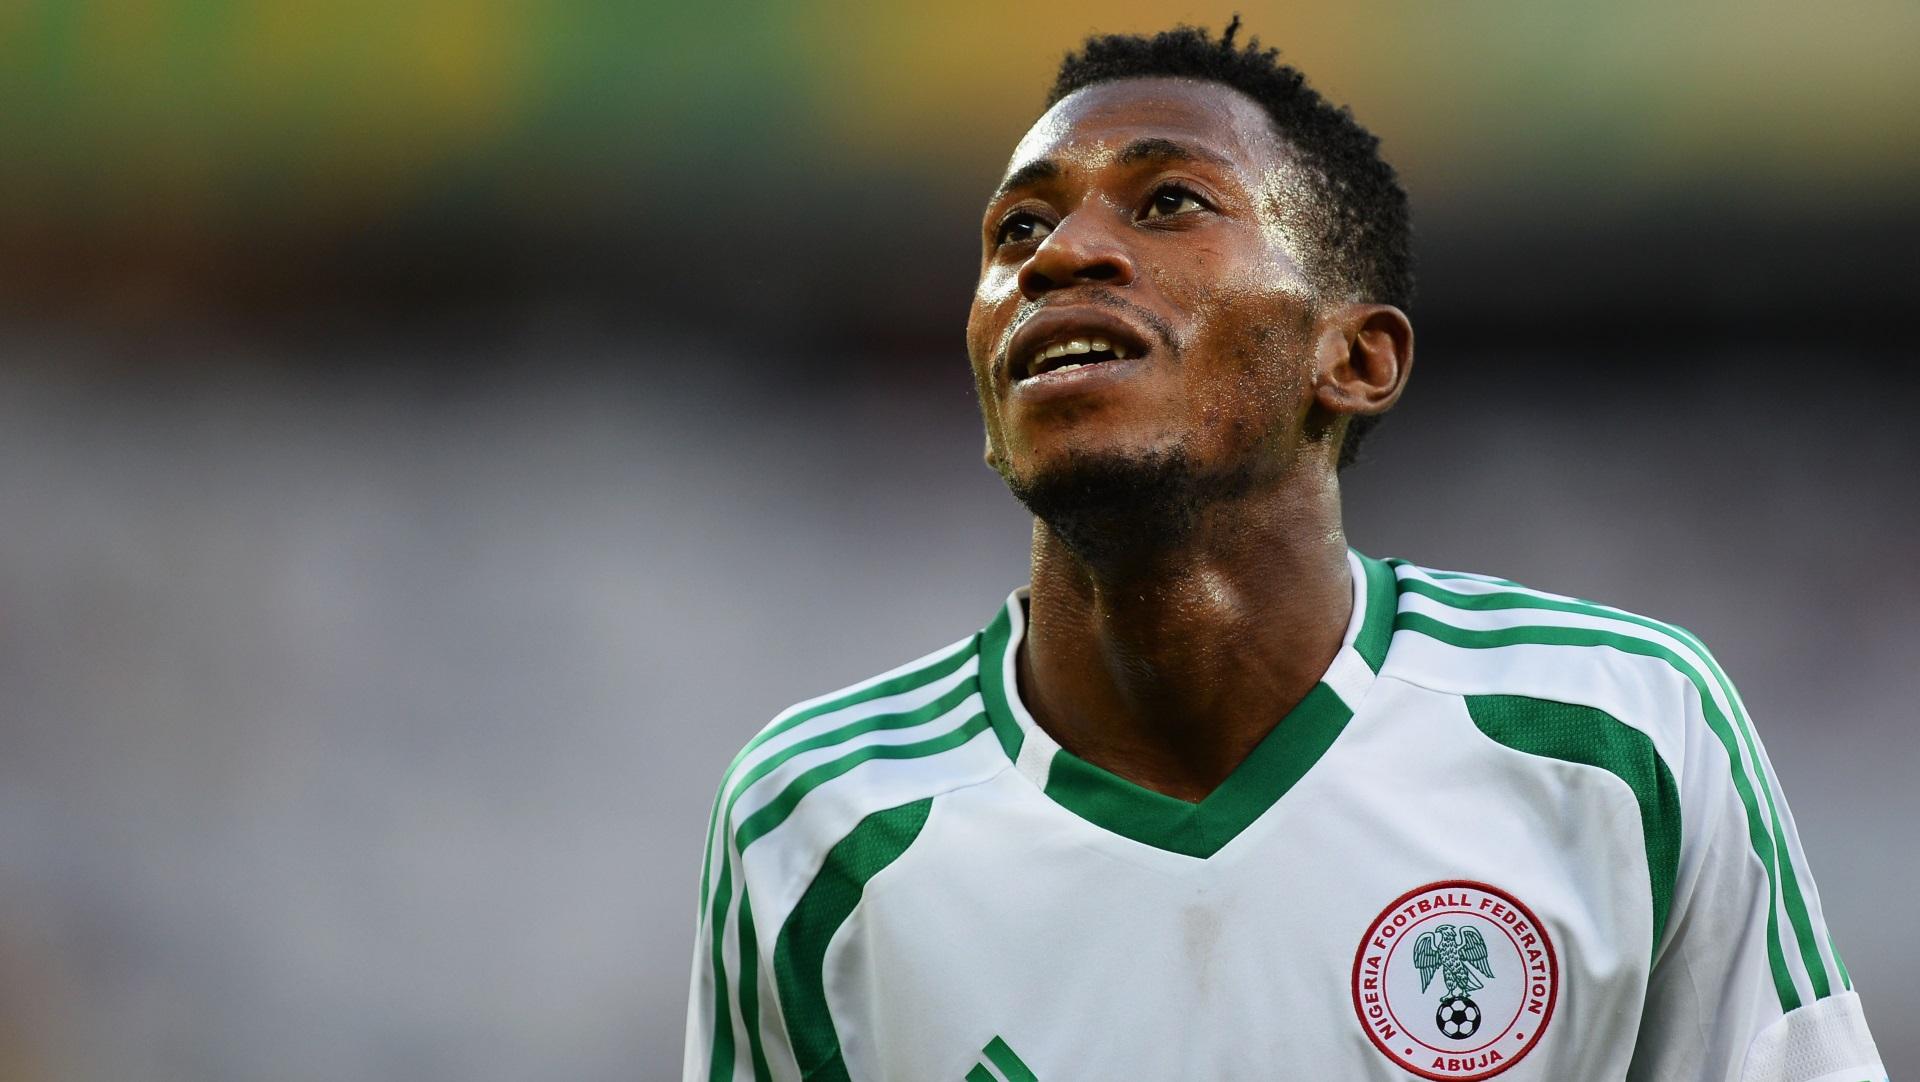 Nnamdi Oduamadi of Nigeria